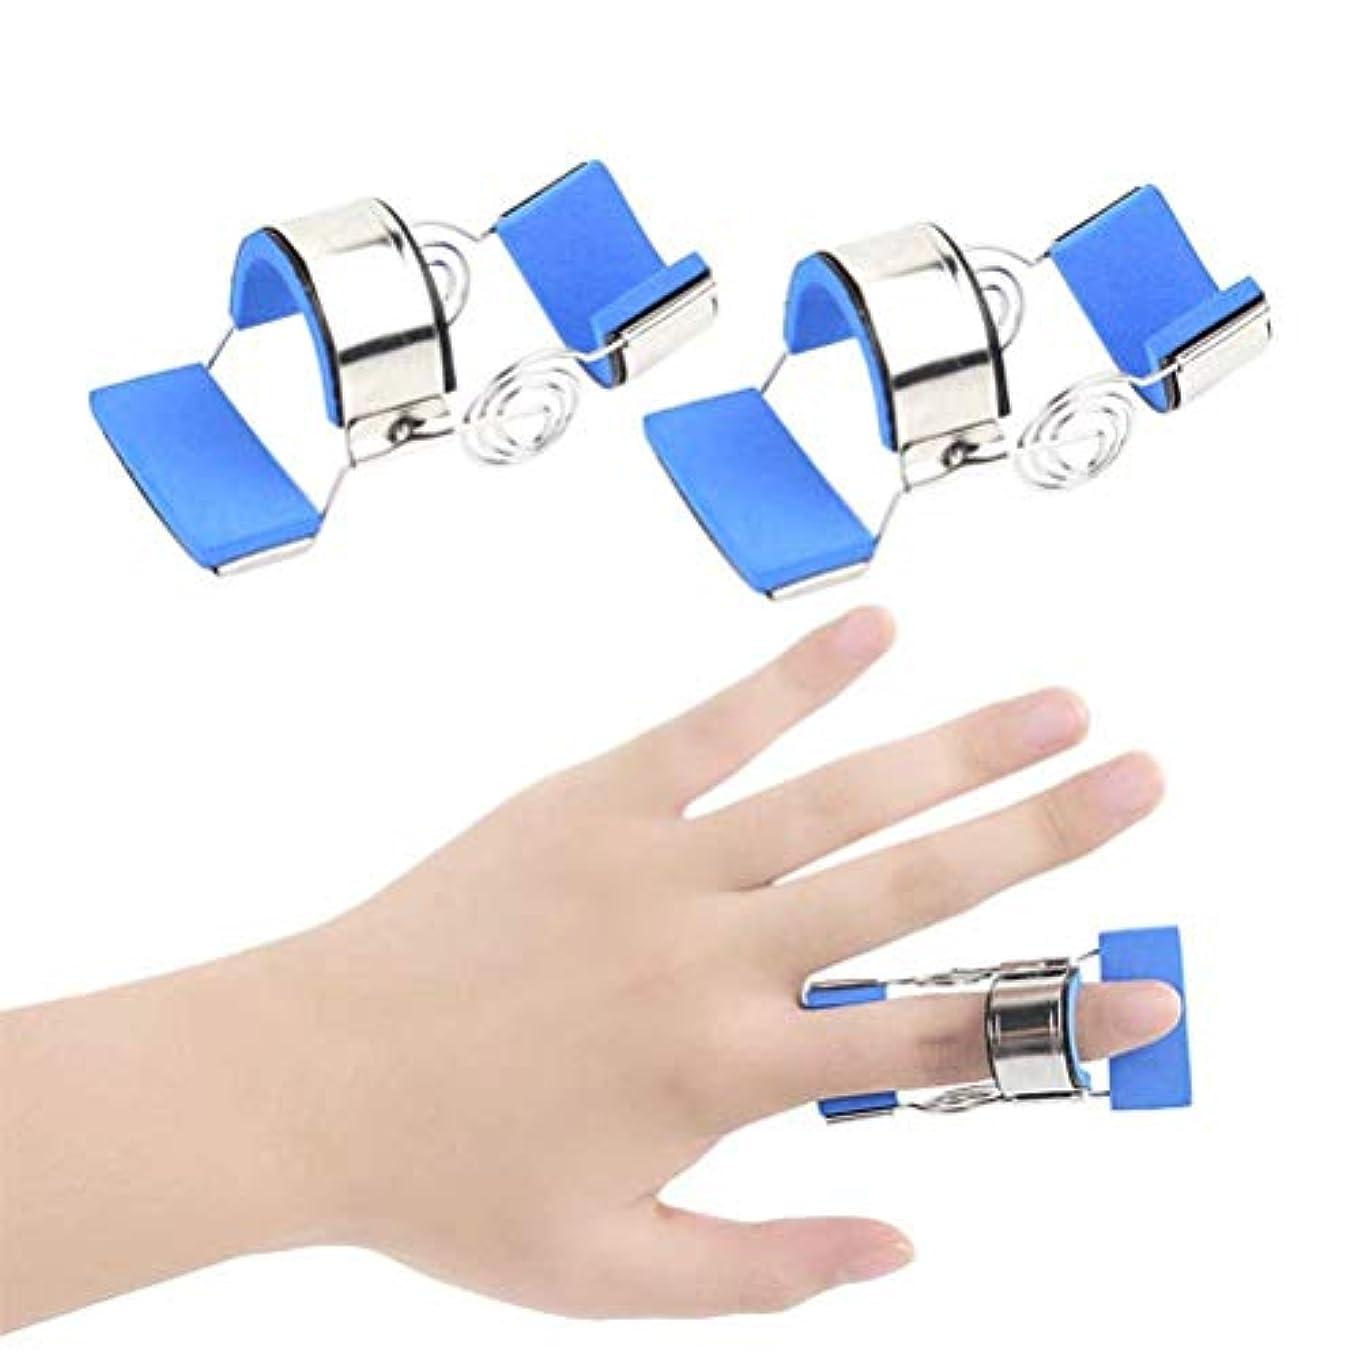 前任者不純紫のブレースガードプロテクターリハビリトレーニングデバイス-Buleを矯正指の変形や破損ダイナミック指スプリント指ナックル固定化、指用の指のトレーニングデバイスフィンガースプリント (Size : L)